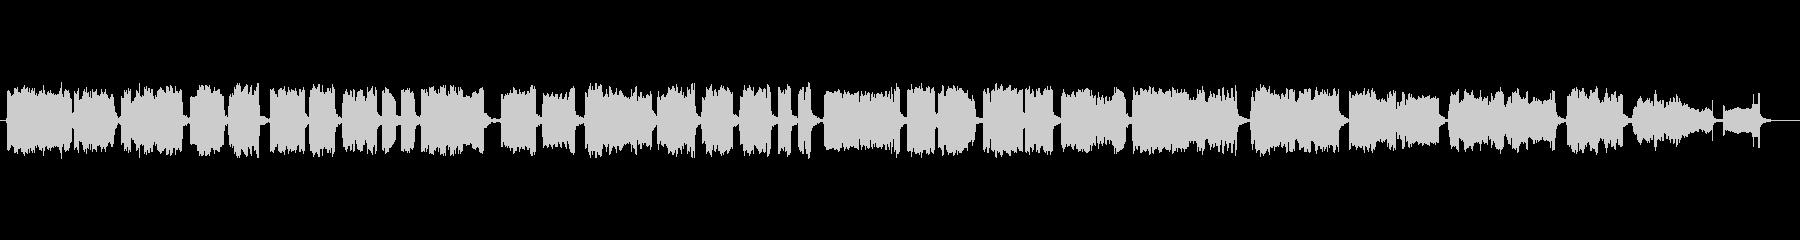 神楽をイメージした篠笛独奏の未再生の波形